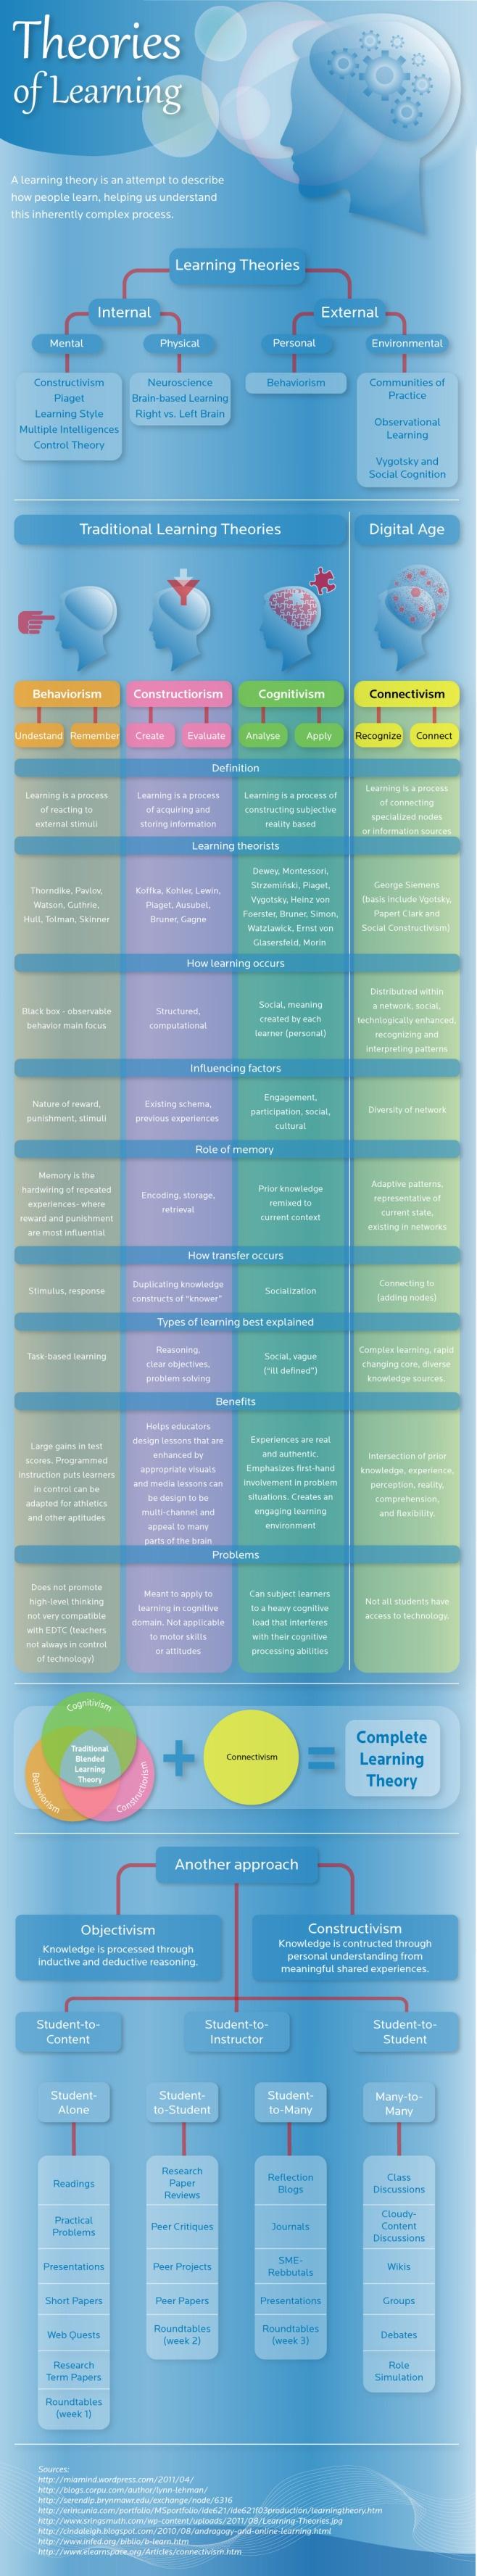 Estilos de aprendizaje y teorías: desde el conductismo hasta el conectivismo #infografia